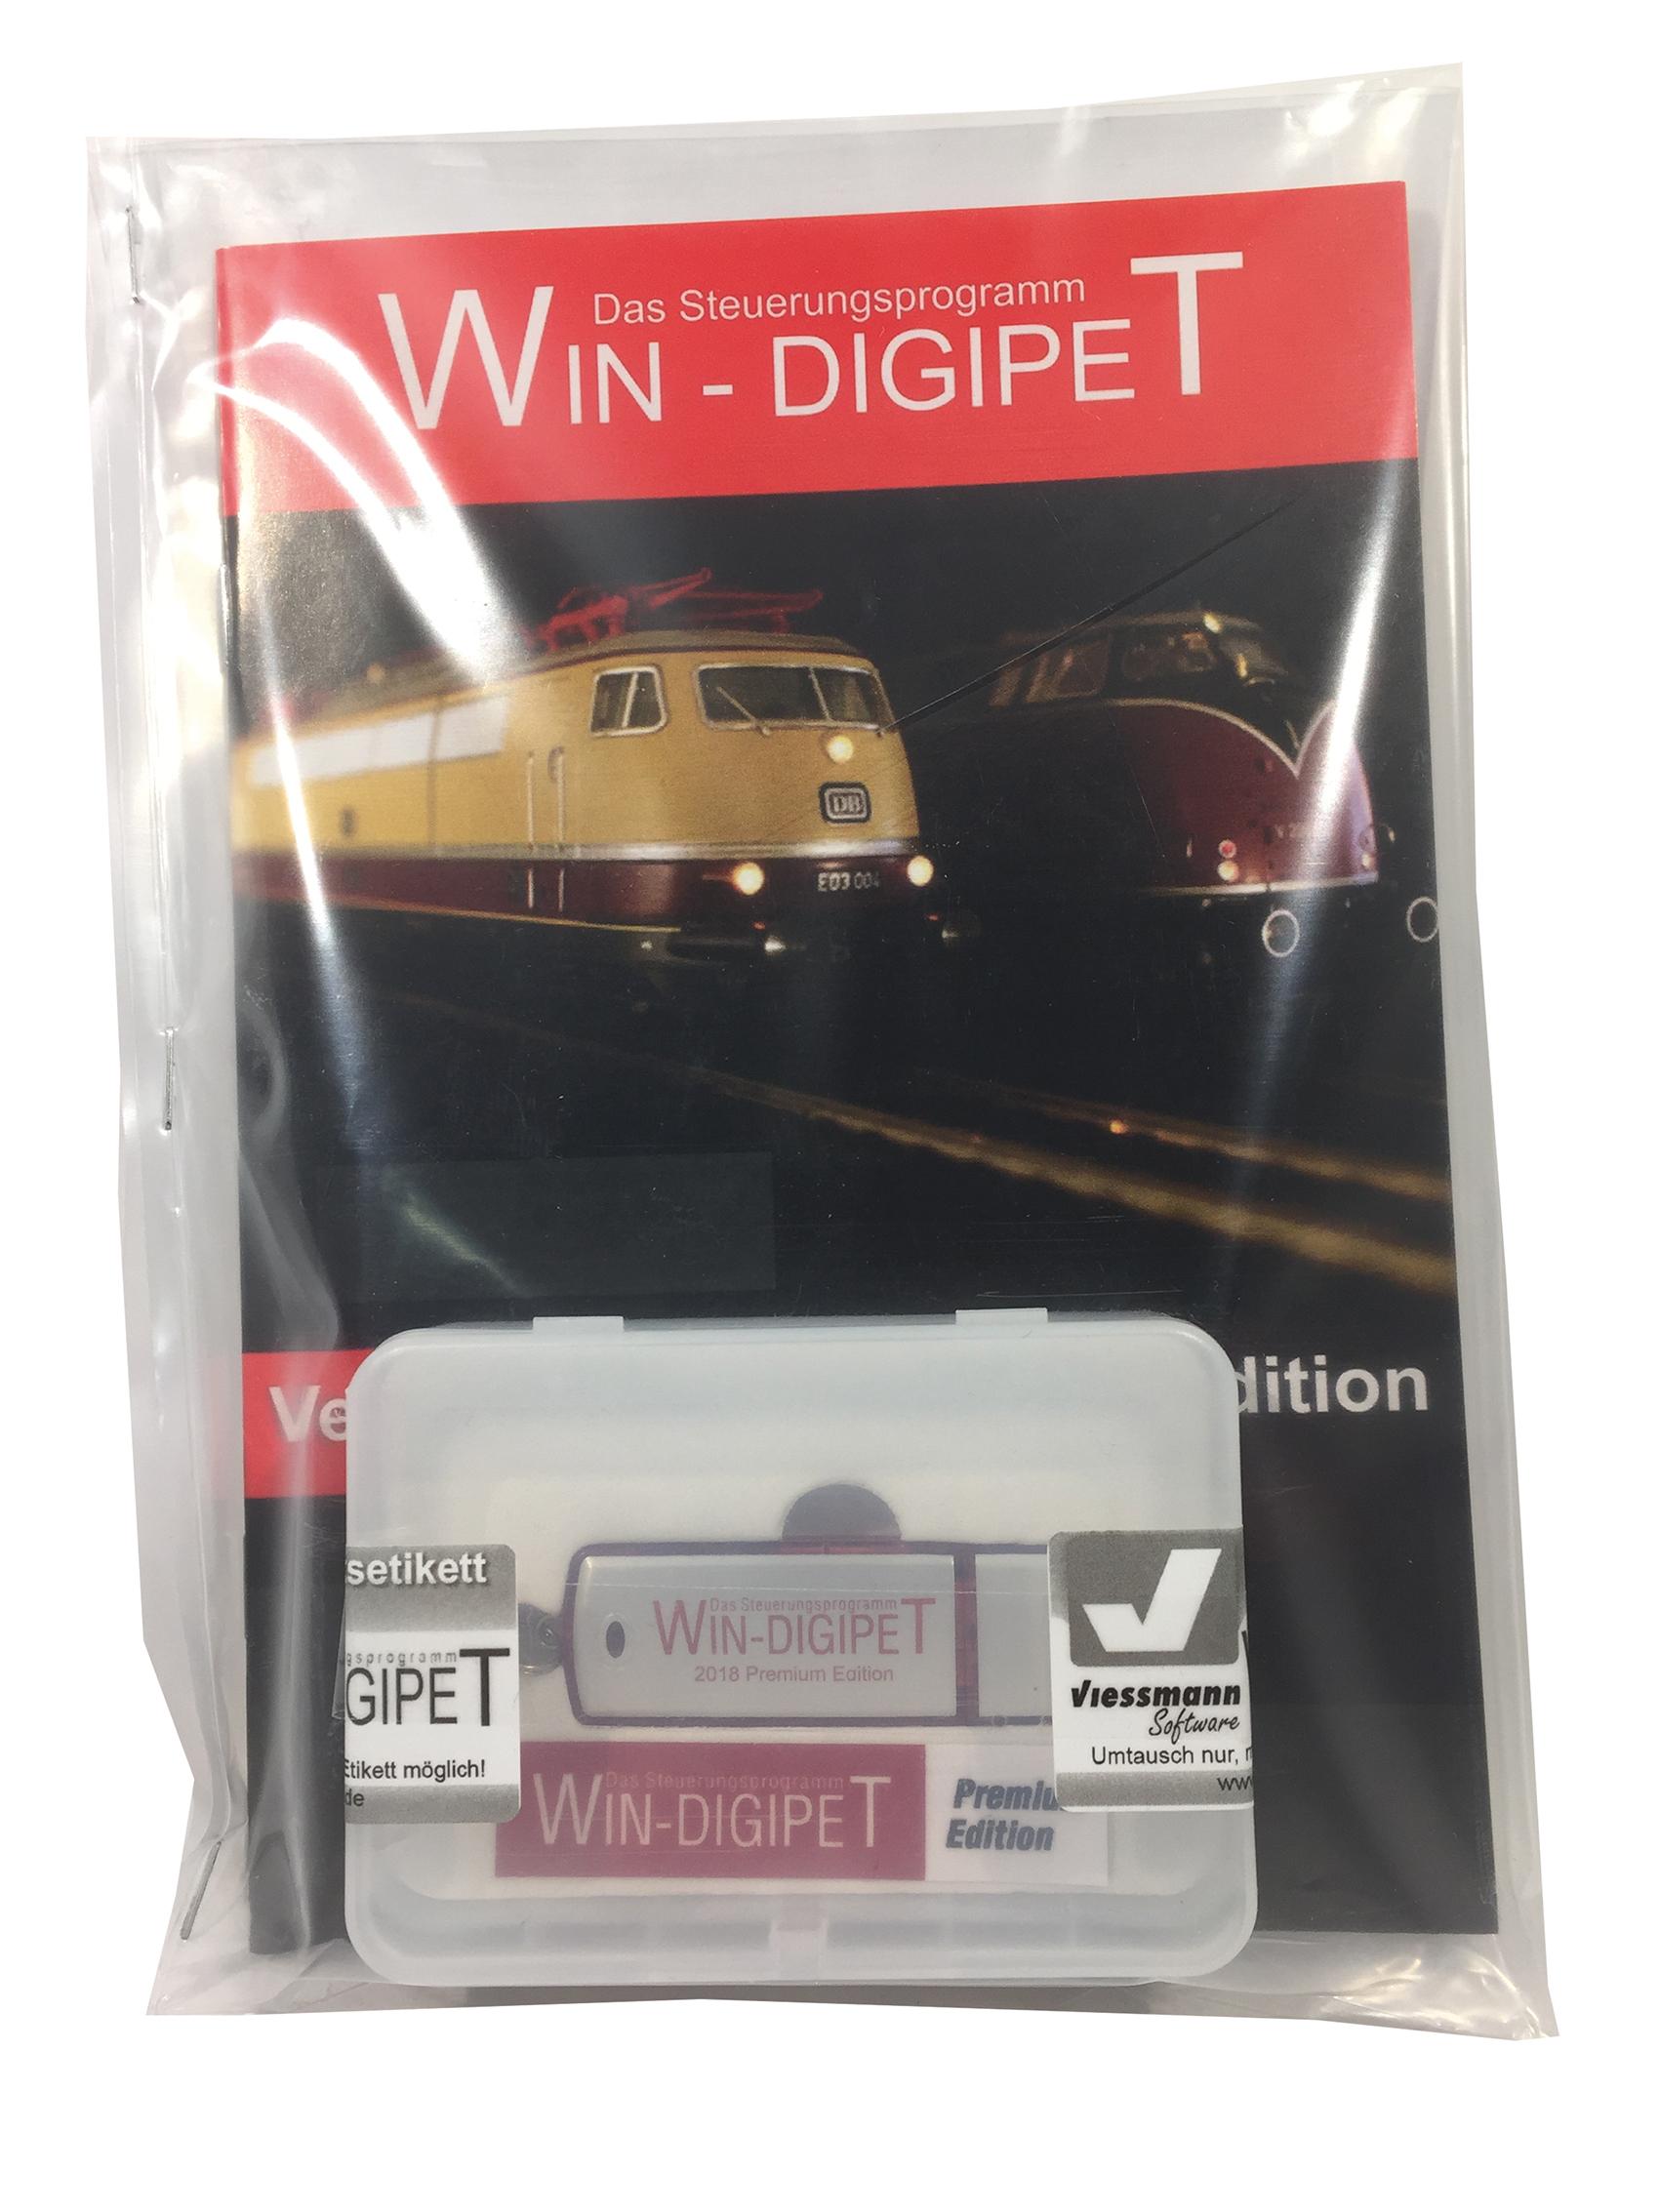 Viessmann 1010 <br/>WIN-DIGIPET Update von 2012 auf Premium Ed. 2018DE, EN, NL